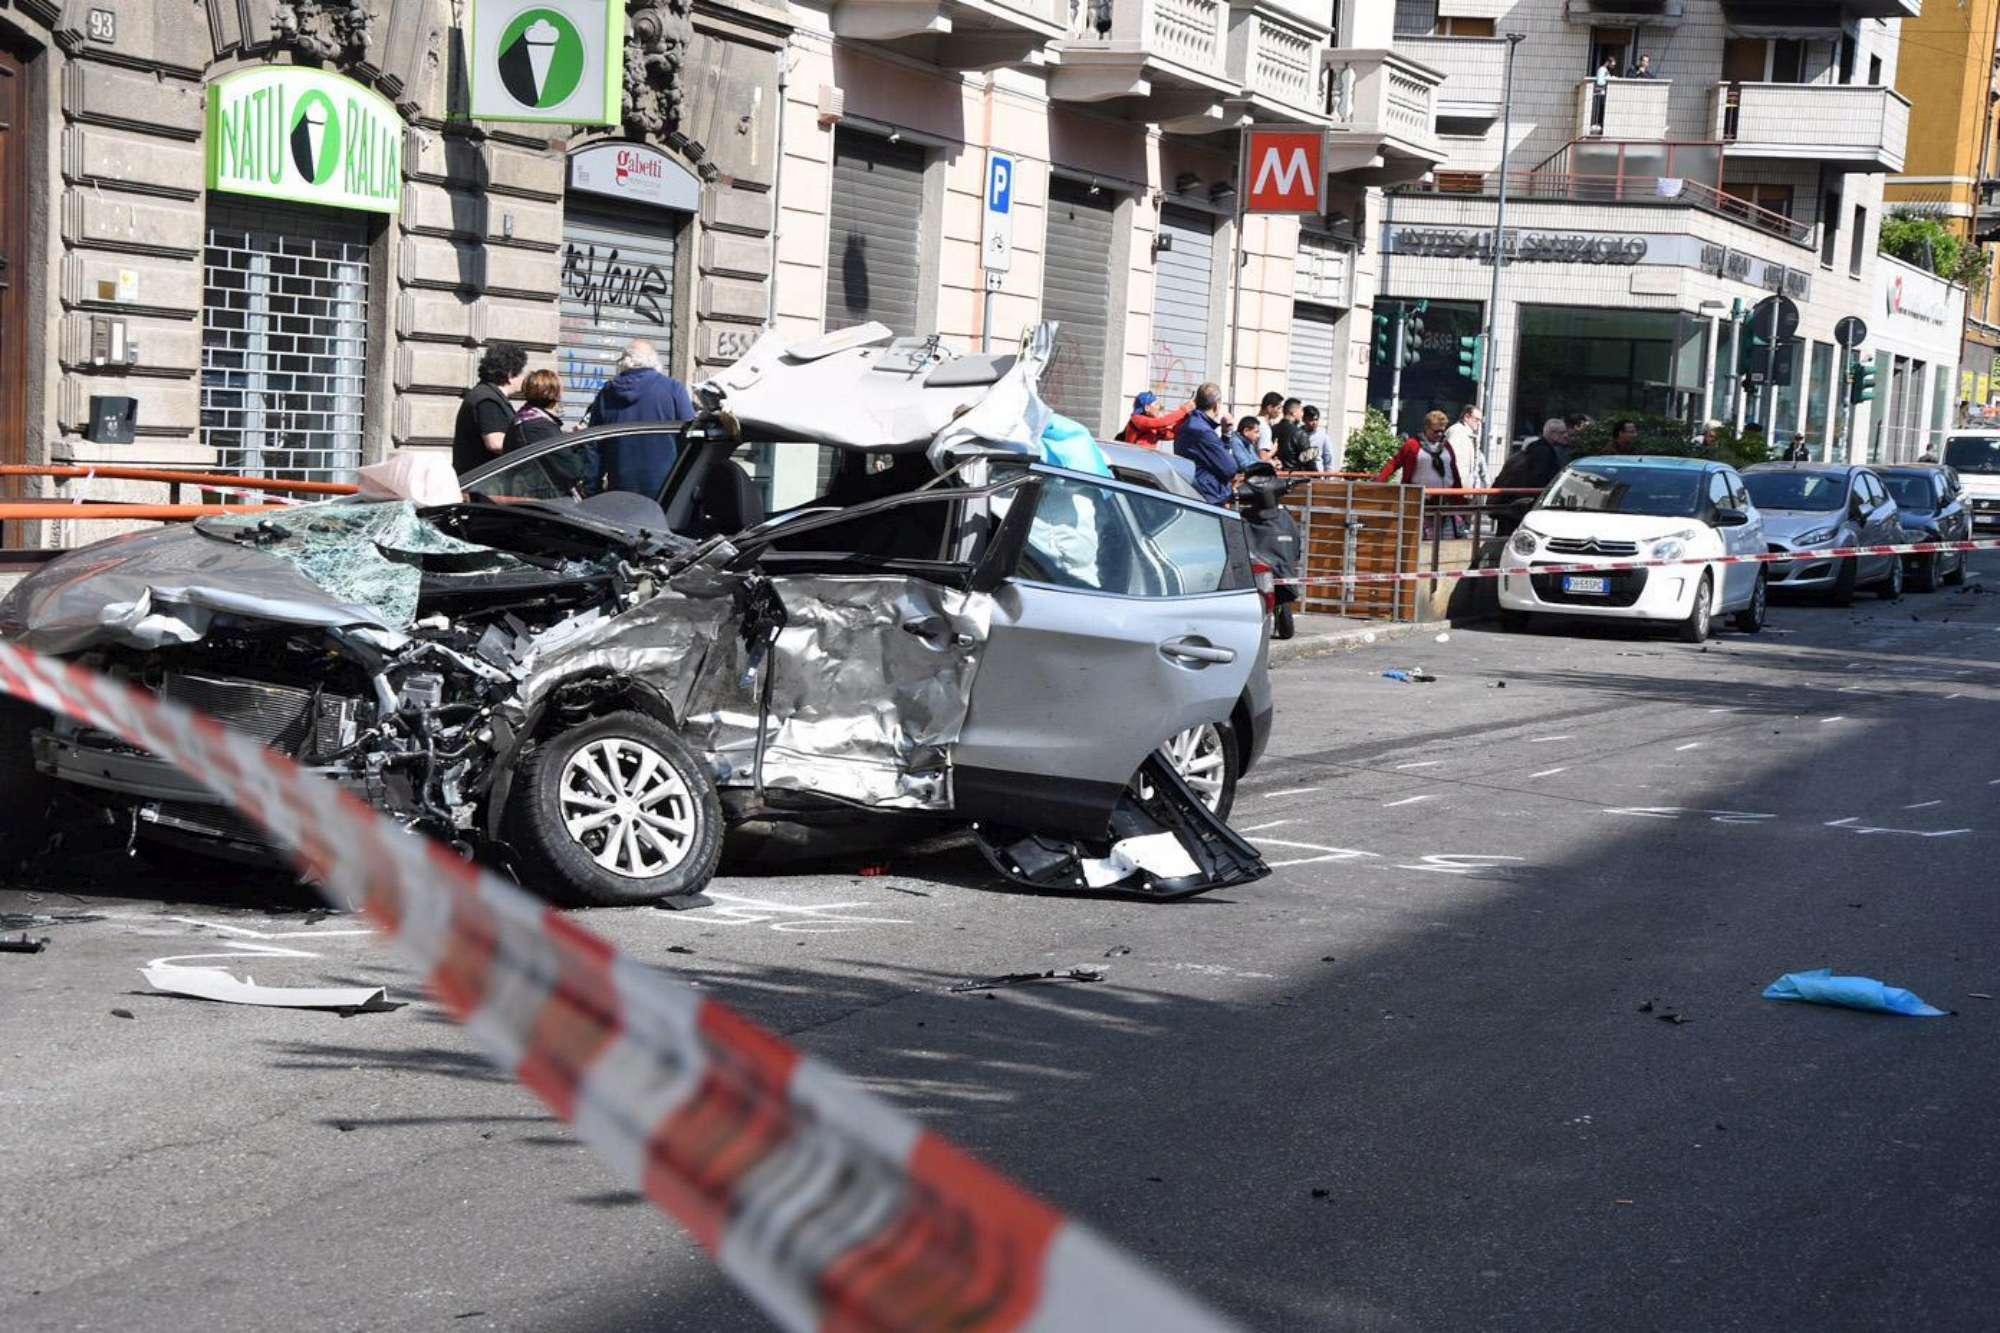 Schianto tra auto a Milano: uomo muore, investitore in fuga per 12 ore